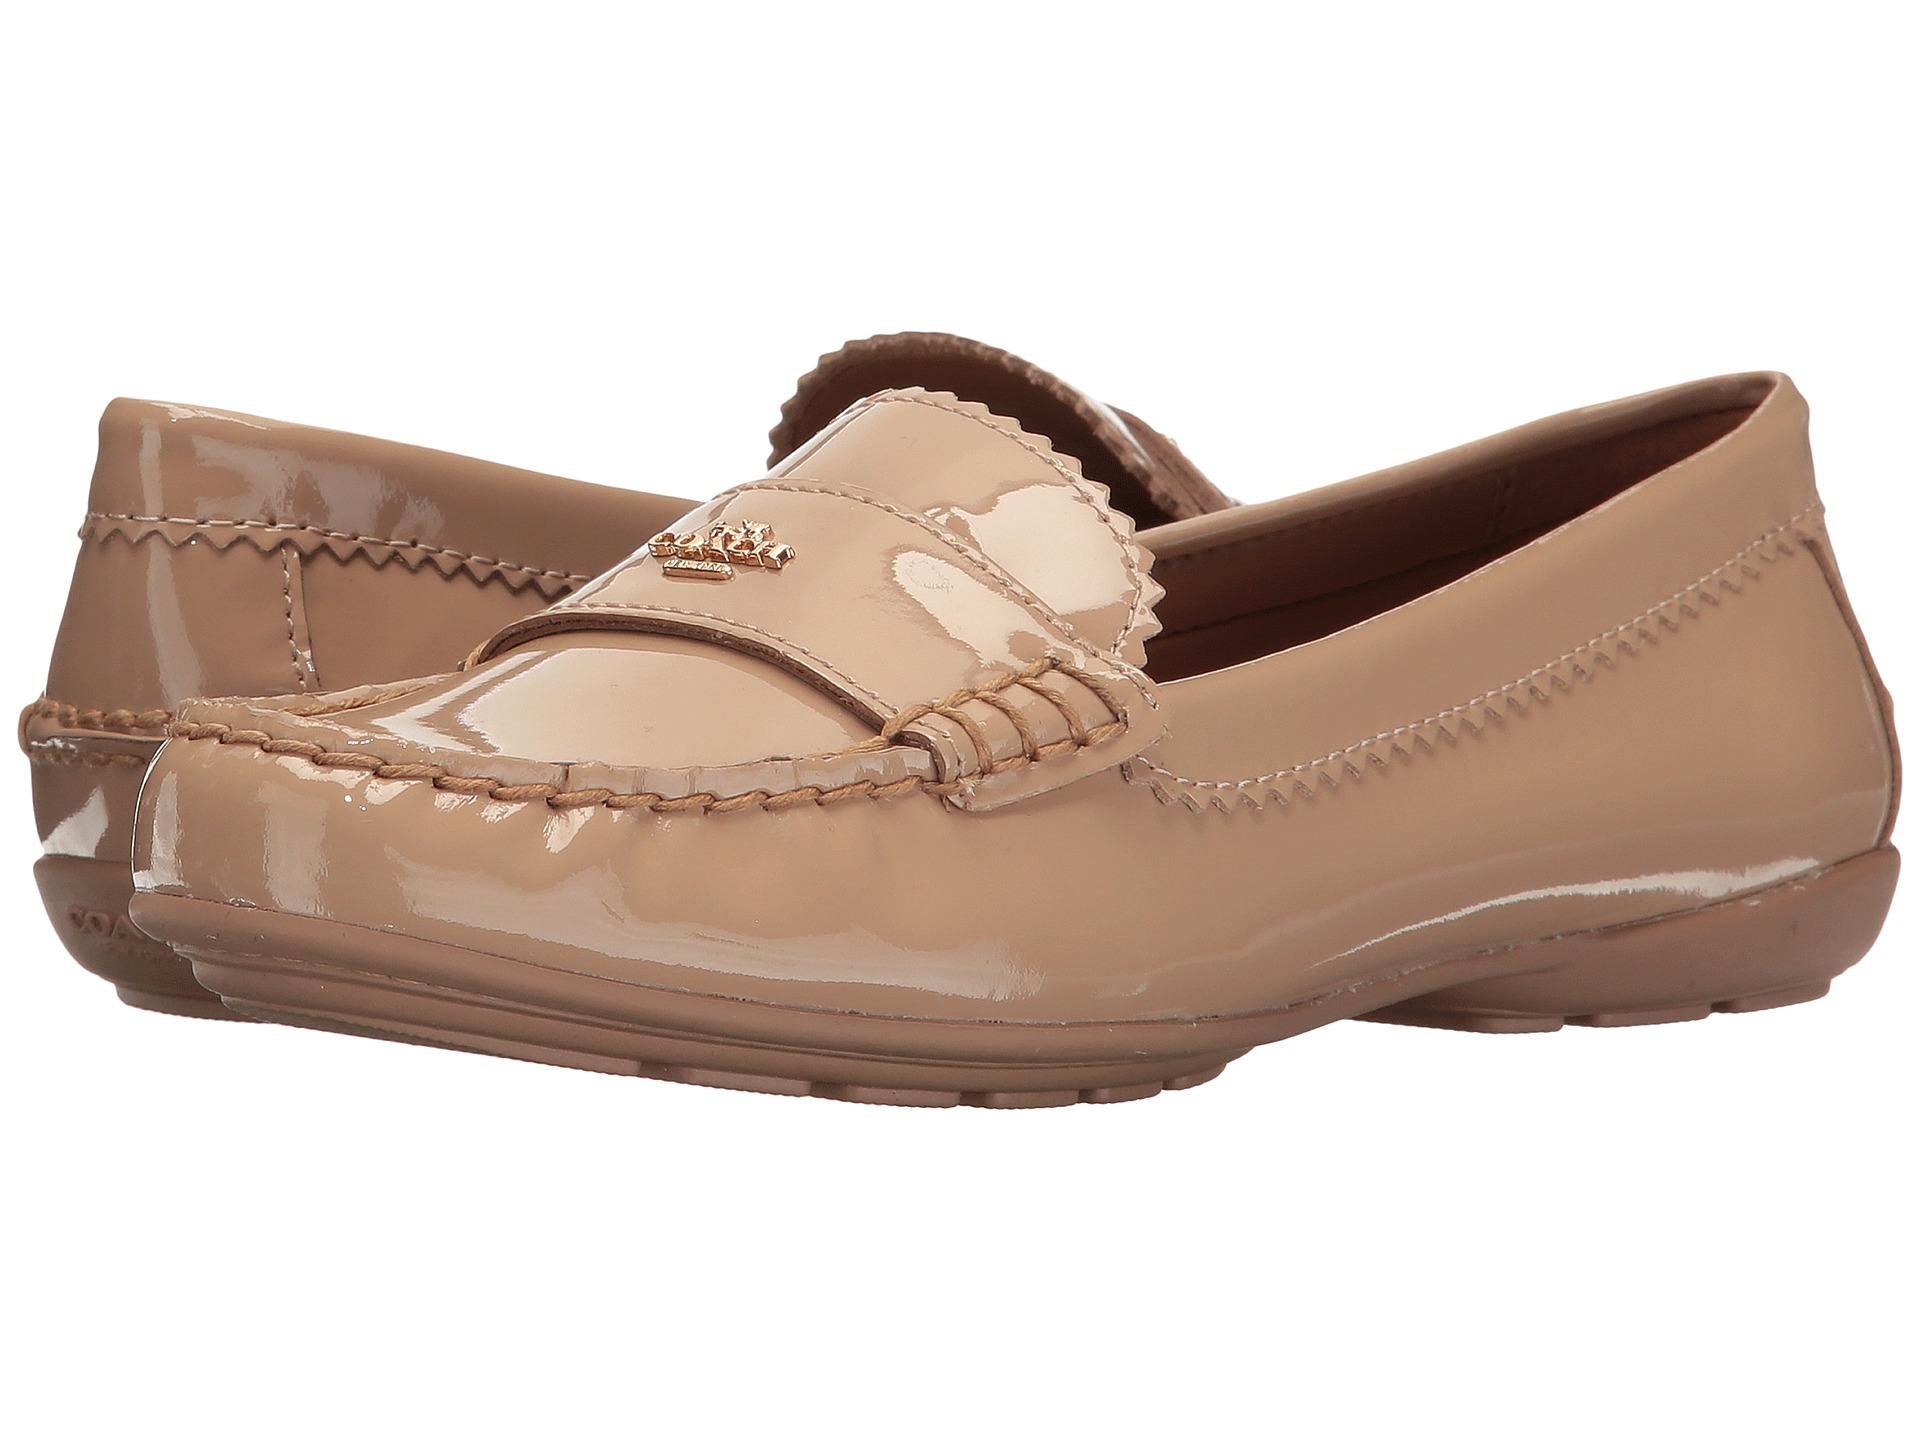 코치 오데뜨 로퍼 웜블러쉬 페턴트 COACH Odette Loafer Warm Blush Patent